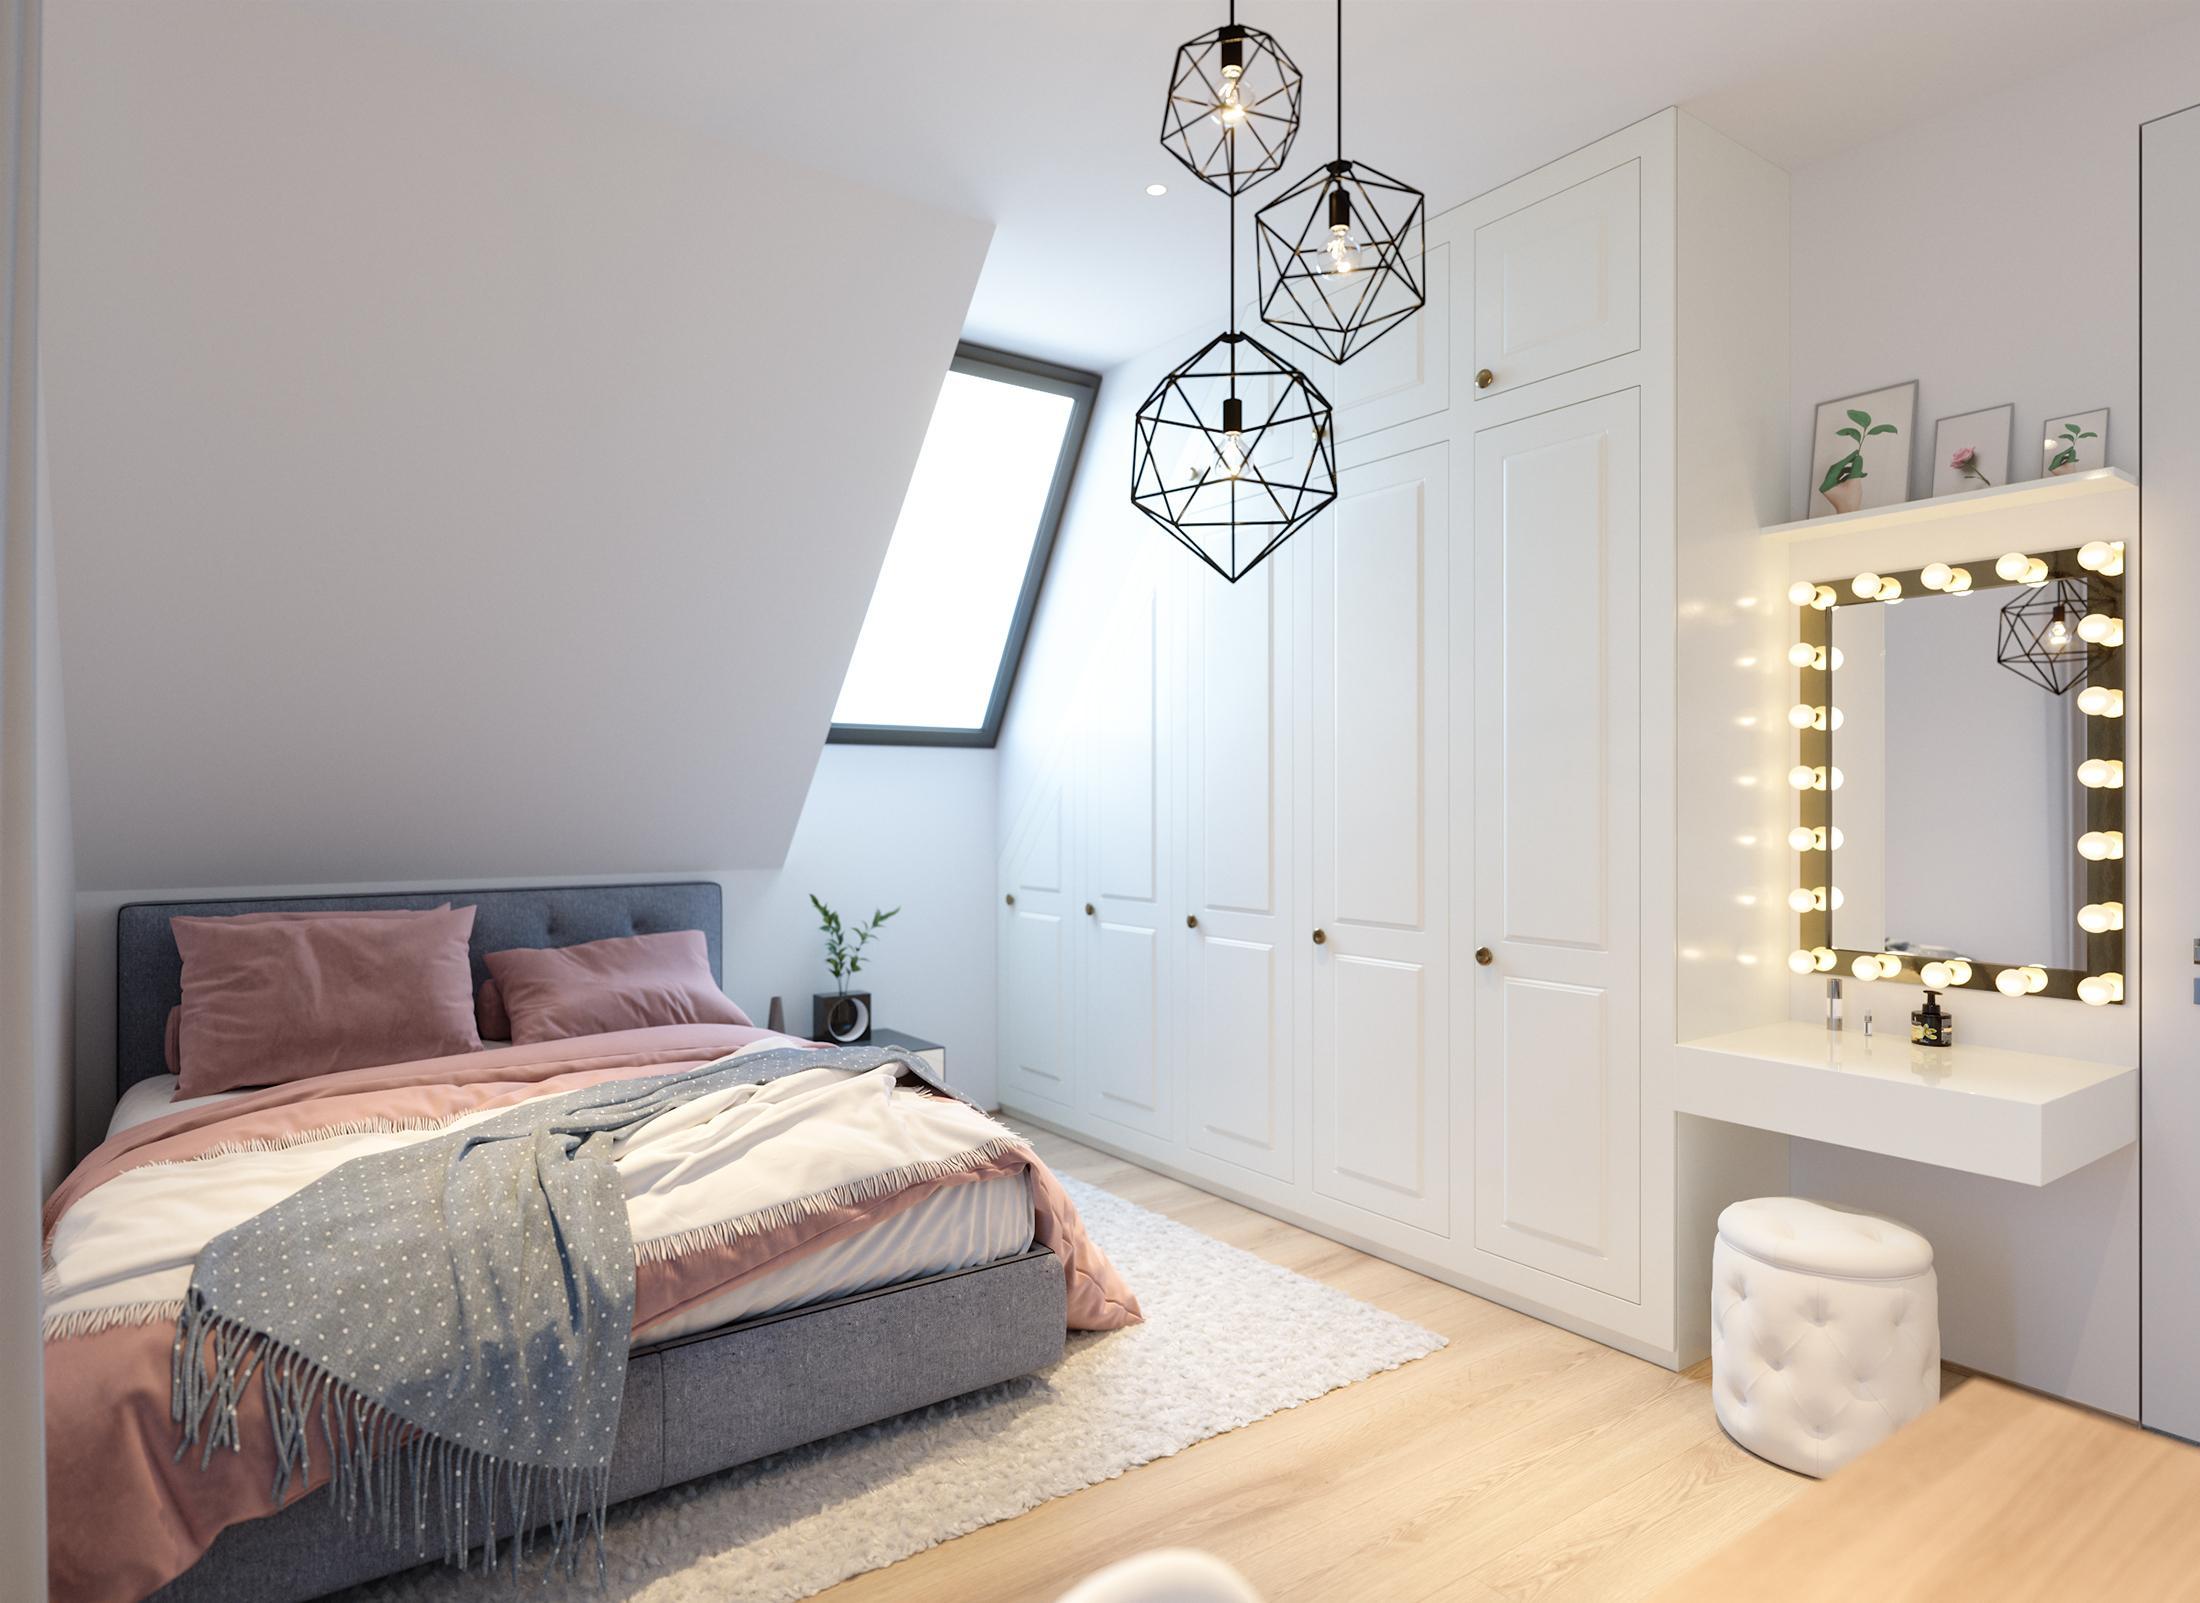 J house_bedroom_2_render